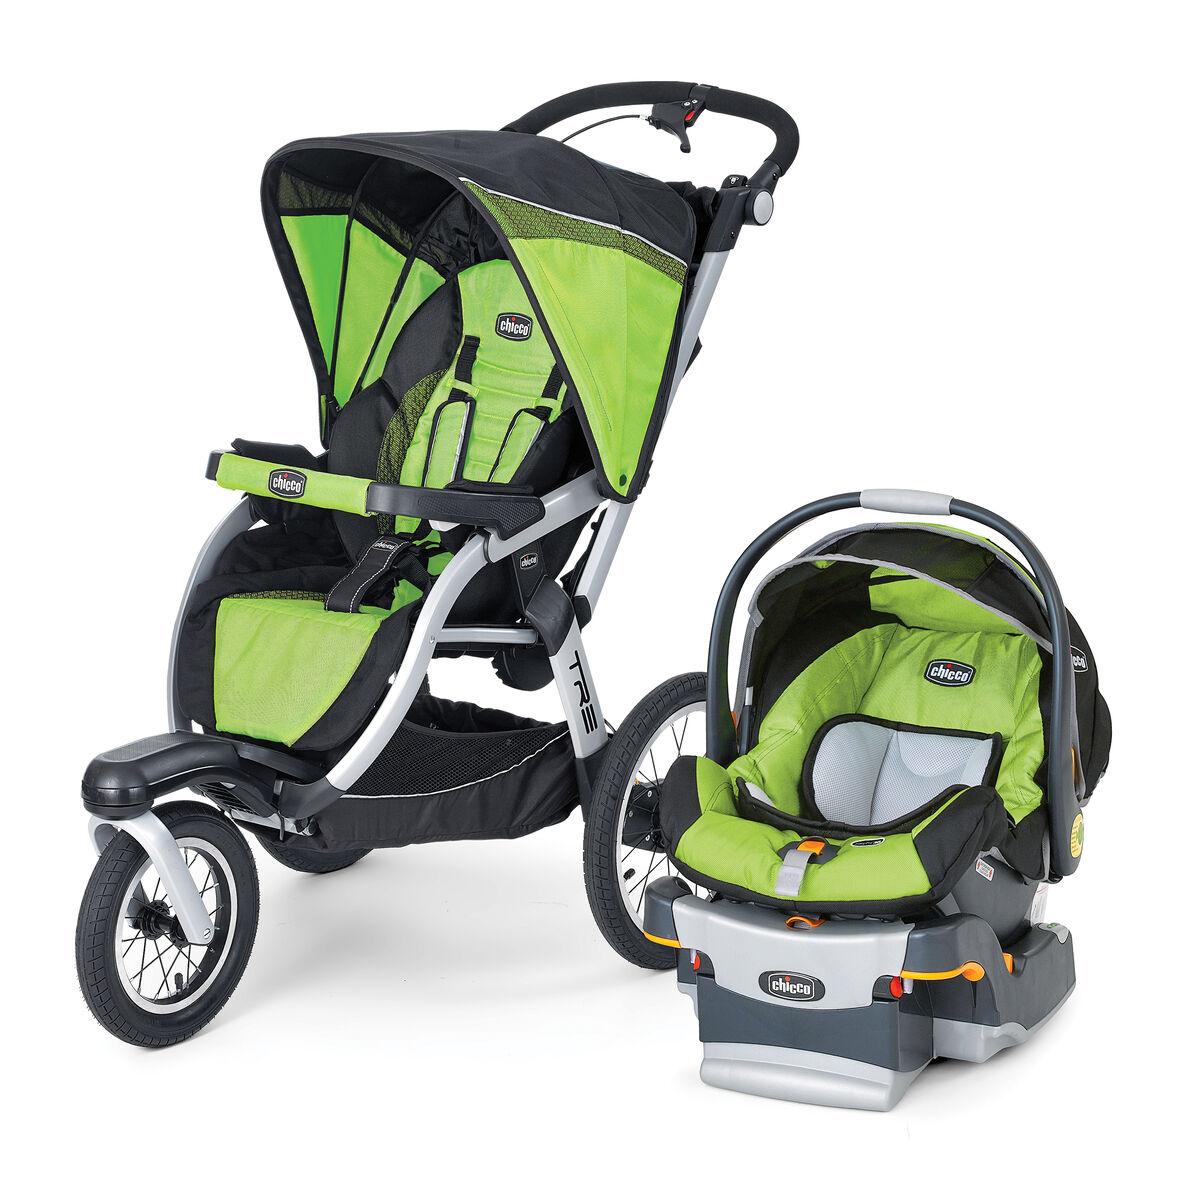 Surge tre jogging stroller free keyfit 30 infant car seattre jogging stroller with keyfit 30 infant car seat surge